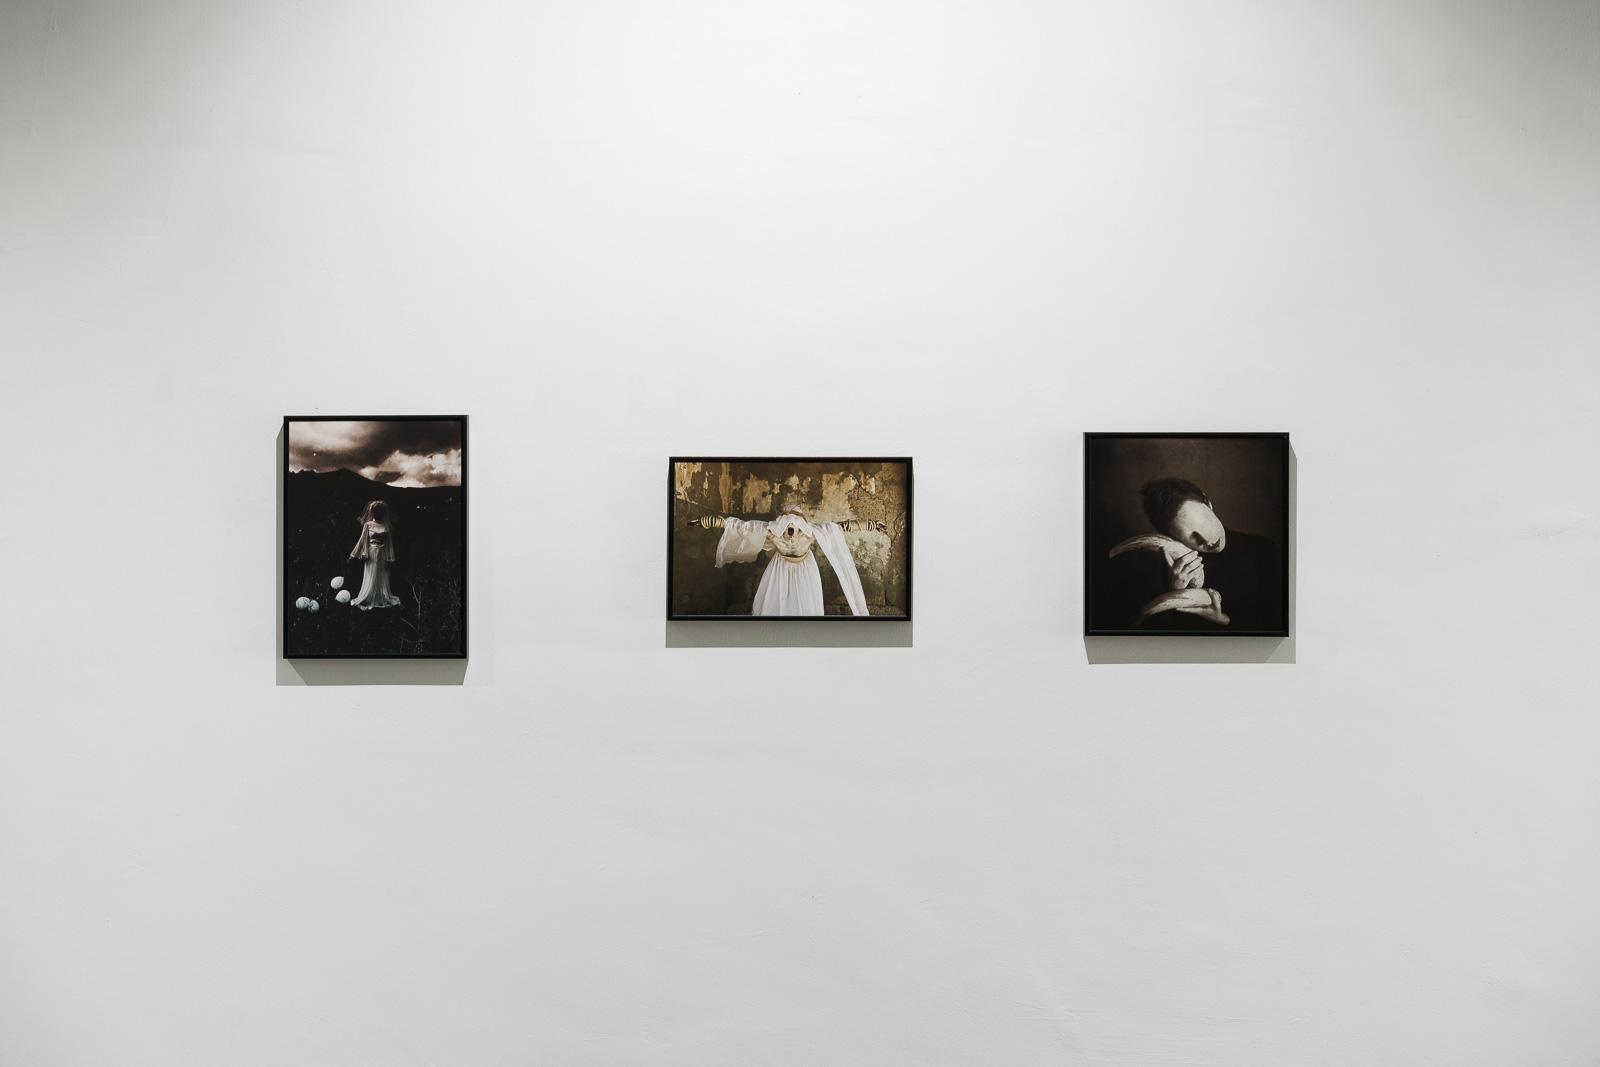 Félix Velvet expone parte de su obra más íntima en La Cámara Espacio Fotográfico de La Laguna